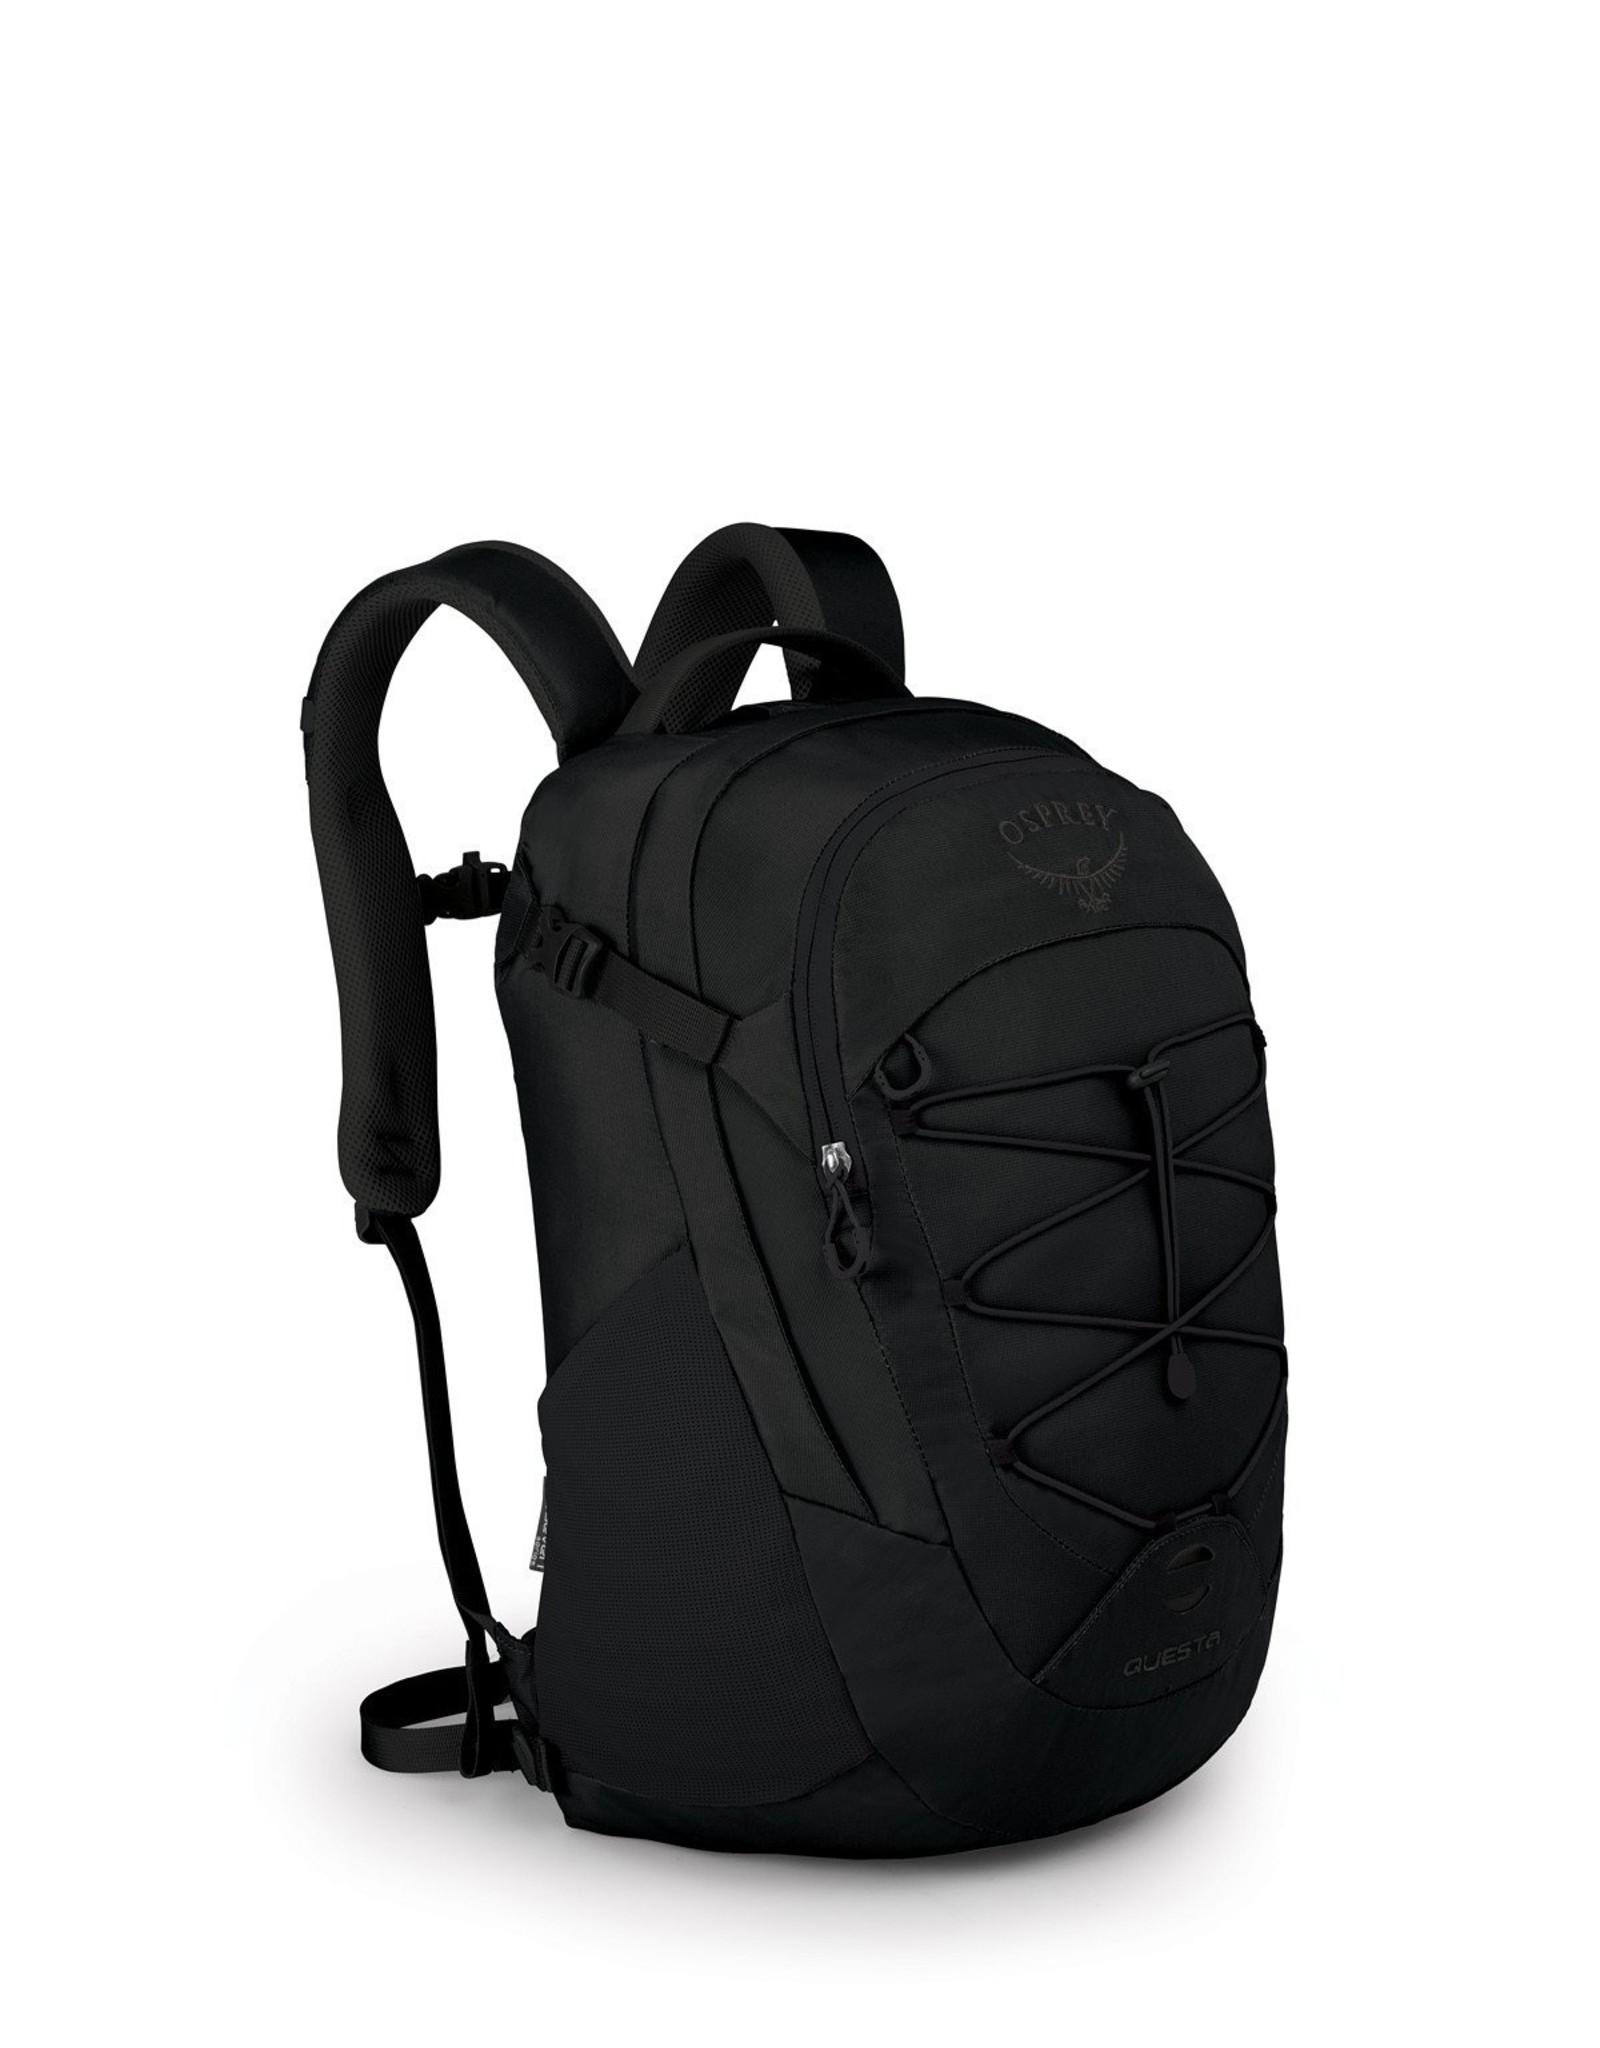 Osprey Packs Osprey Questa Backpack Day